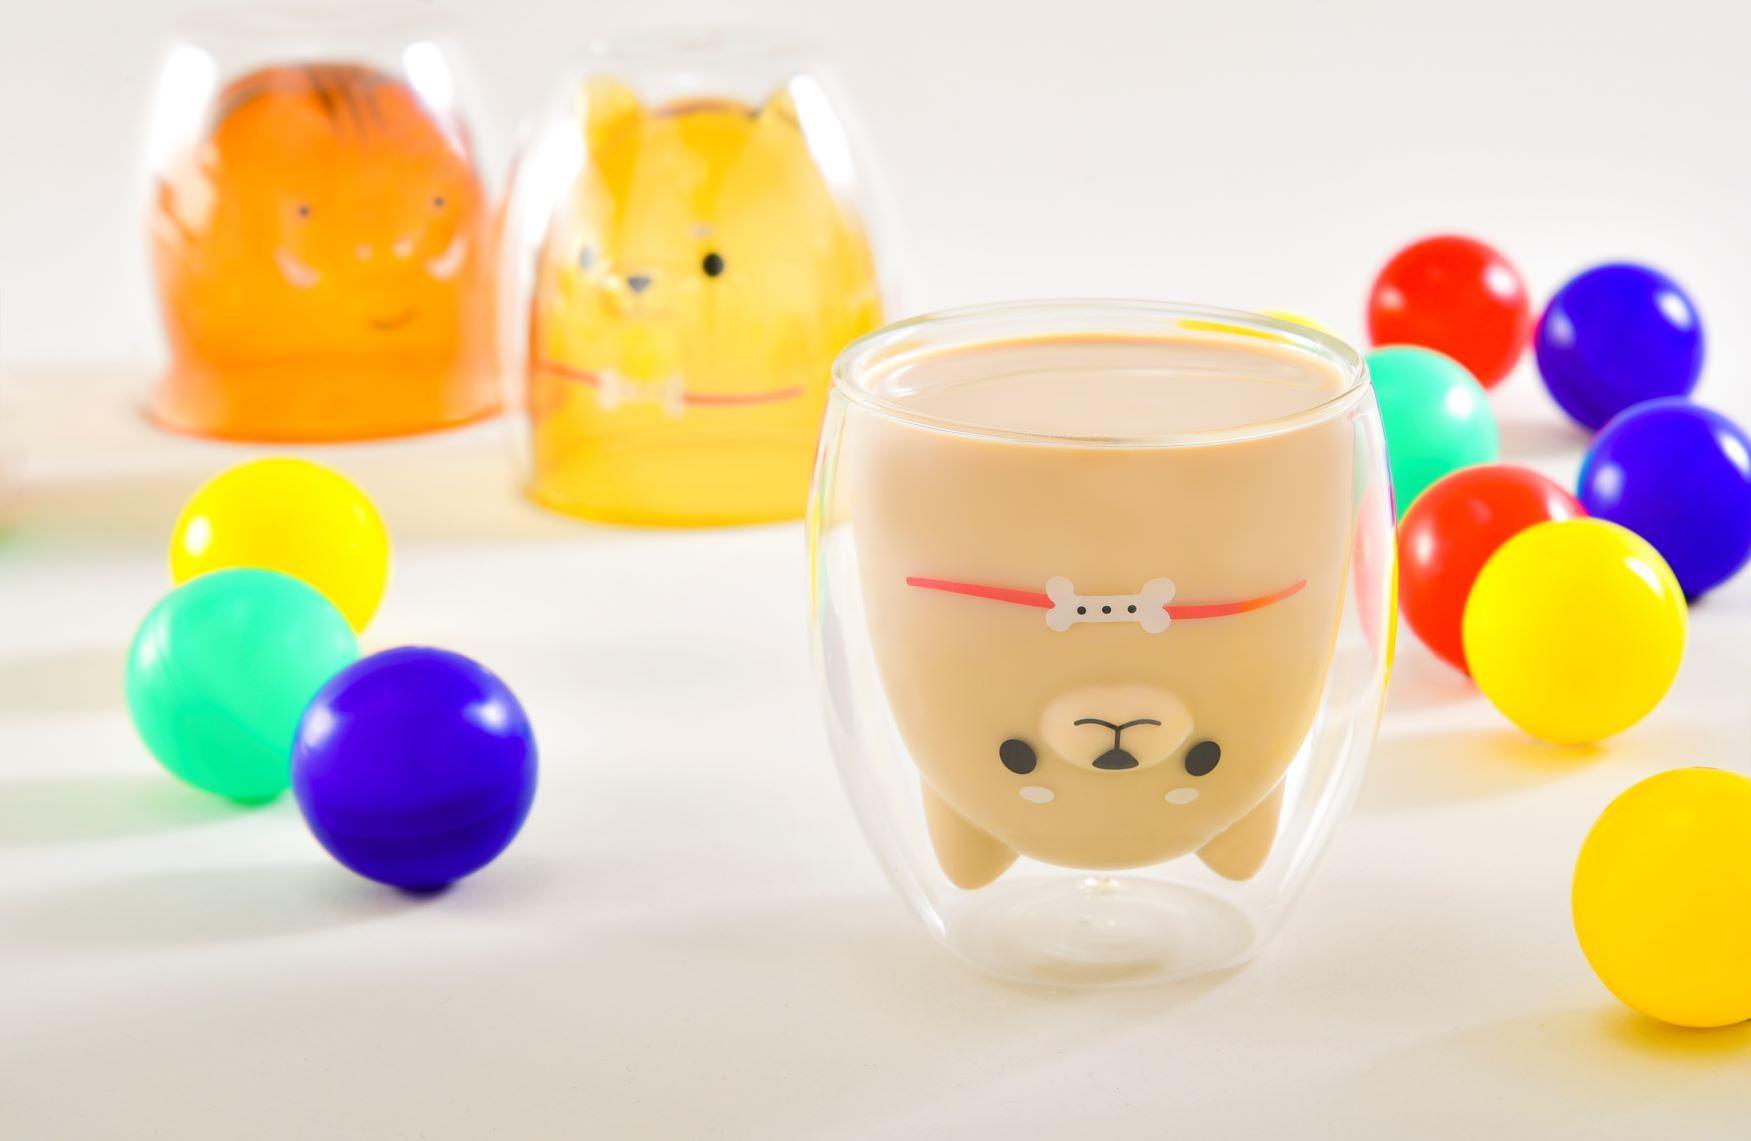 日本初グラスブランドGOODGLASを大丸梅田店にて 2019年4月10日(水)から16日(火)までの期間限定で販売!